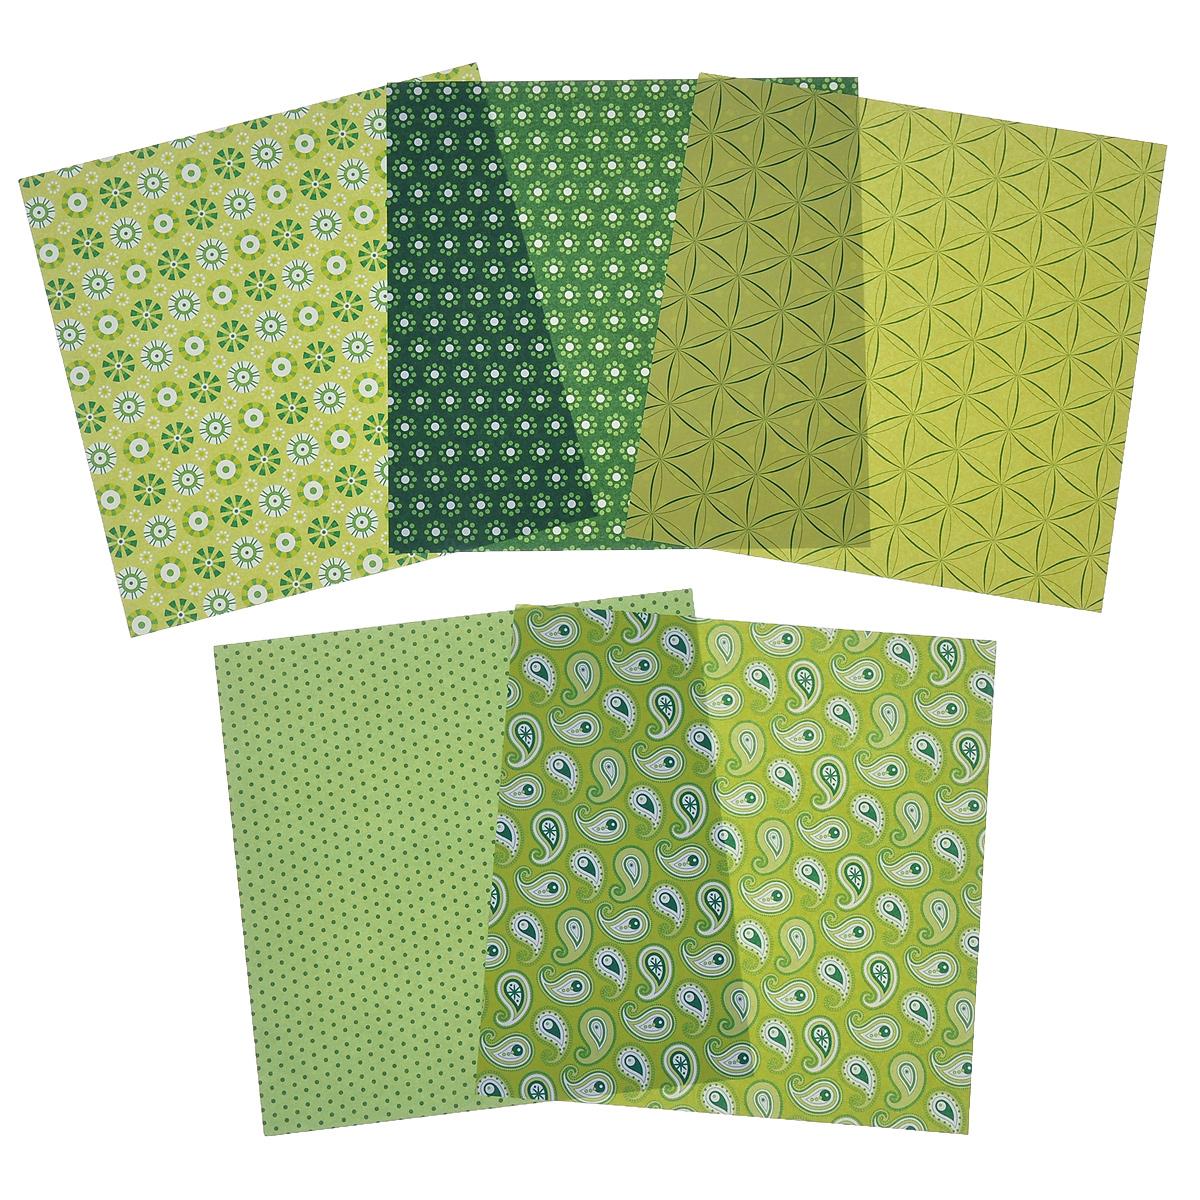 Бумага для оригами Folia, цвет: зеленый, 15 х 15 см, 50 листов7708019Набор специальной цветной двусторонней бумаги для оригами Folia содержит 50 листов разных цветов, которые помогут вам и вашему ребенку сделать яркие и разнообразные фигурки. В набор входит бумага пяти разных дизайнов. С одной стороны - бумага однотонная, с другой - оформлена оригинальными узорами и орнаментами. Эти листы можно использовать для оригами, украшения для садового подсвечника или для создания новогодних звезд. При многоразовом сгибании листа на бумаге не появляются трещины, так как она обладает очень высоким качеством. Бумага хорошо комбинируется с цветным картоном. За свою многовековую историю оригами прошло путь от храмовых обрядов до искусства, дарящего радость и красоту миллионам людей во всем мире. Складывание и художественное оформление фигурок оригами интересно заполнят свободное время, доставят огромное удовольствие, радость и взрослым и детям. Увлекательные занятия оригами развивают мелкую моторику рук, воображение,...